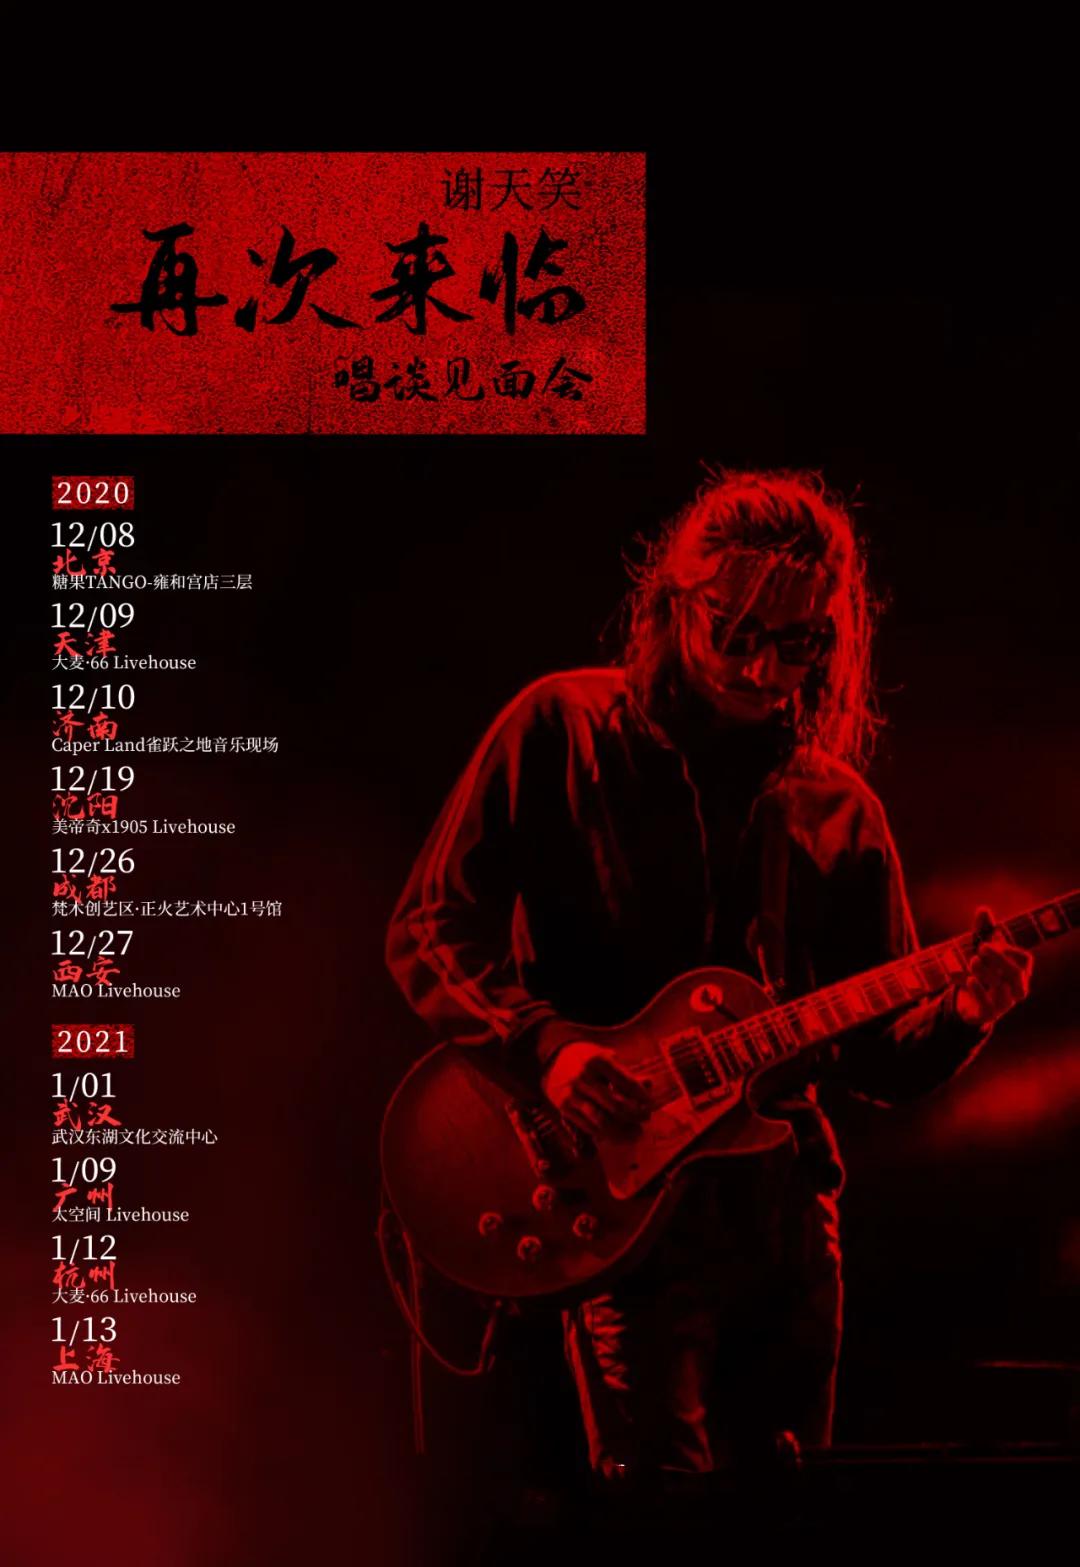 谢天笑杭州演唱会